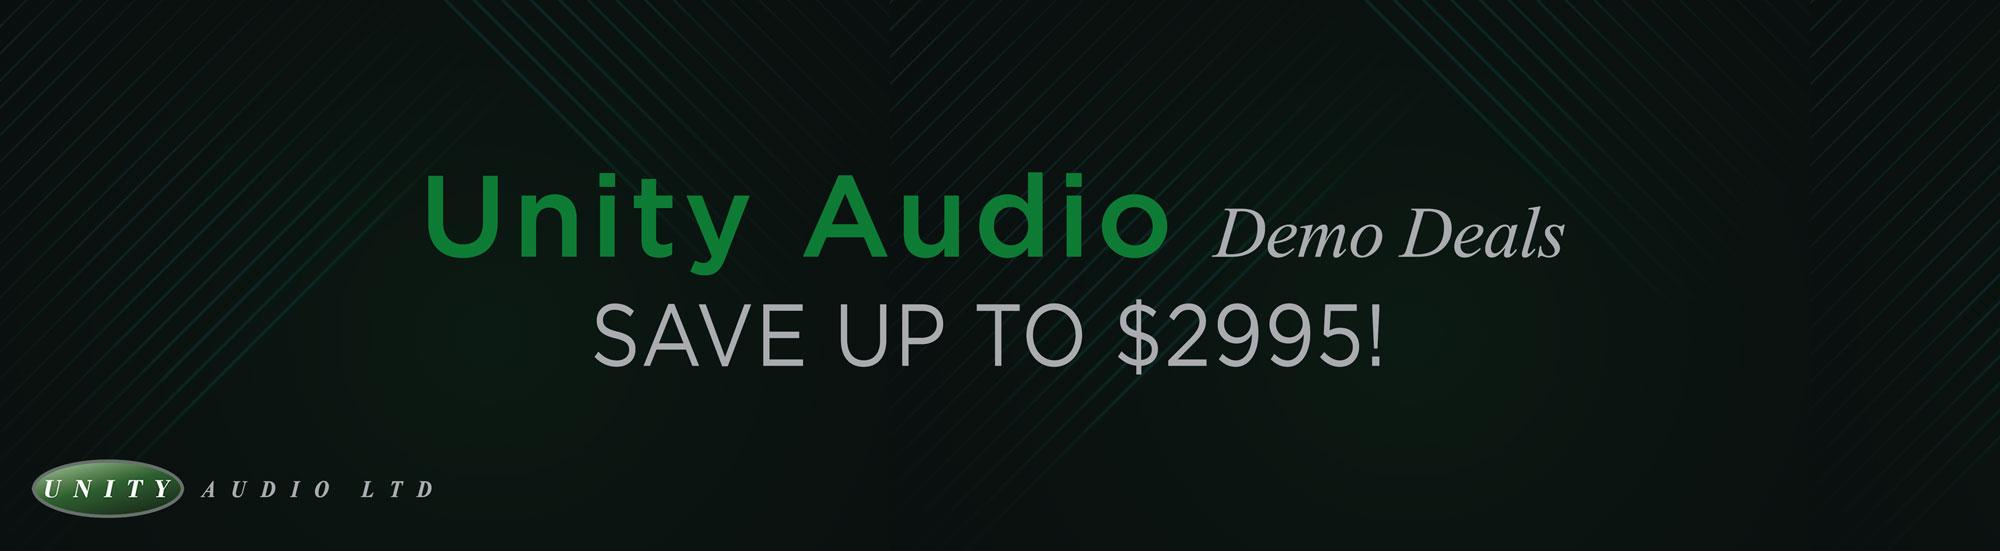 Unity Audio Demo Sale